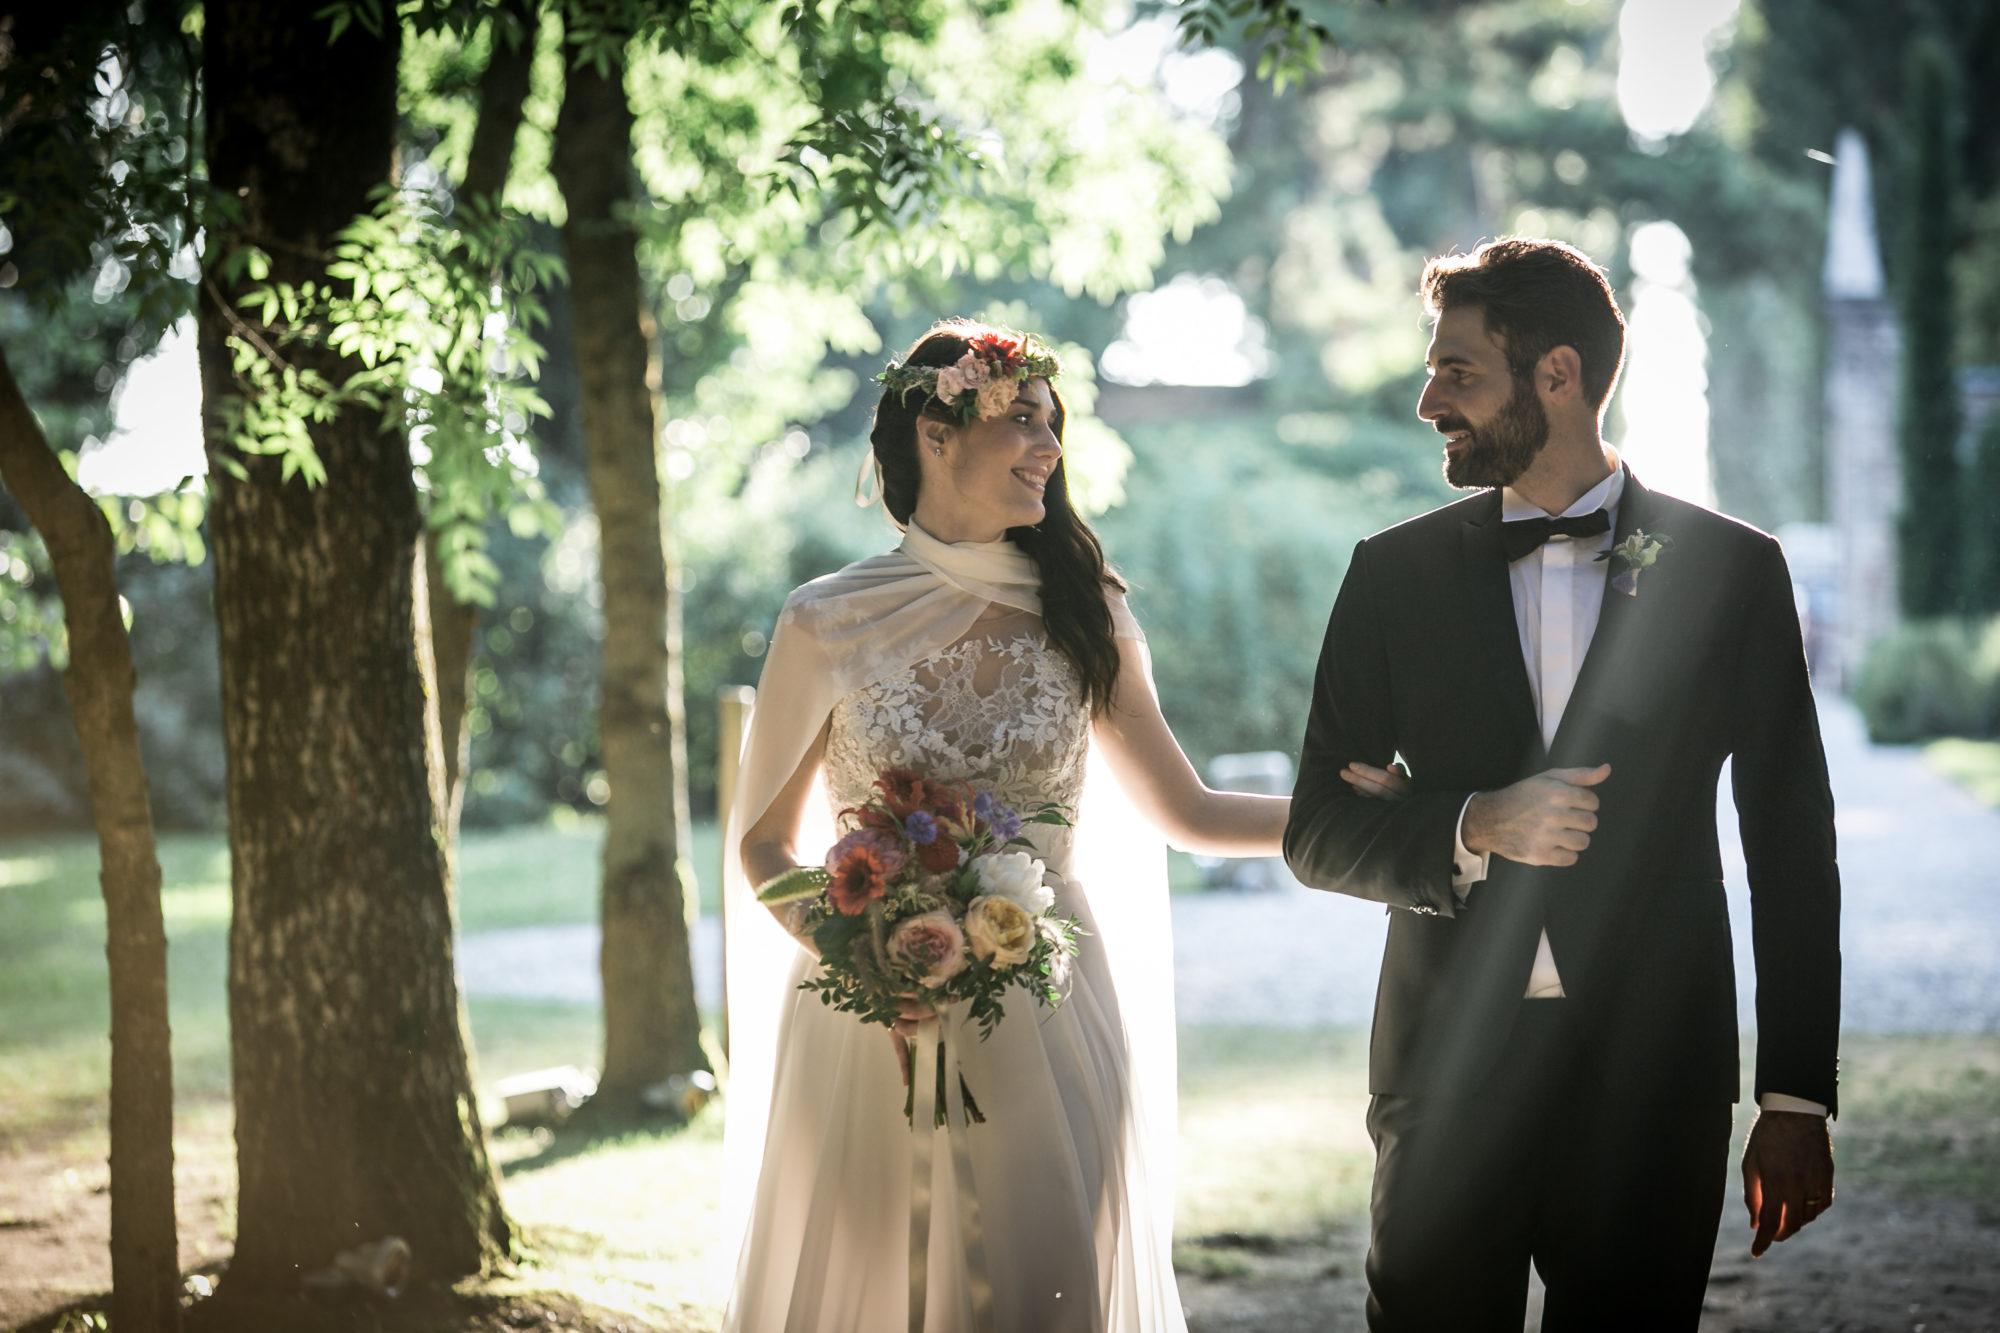 0030_gilberti_ricca_convento_annunciata_fotografi_matrimonio